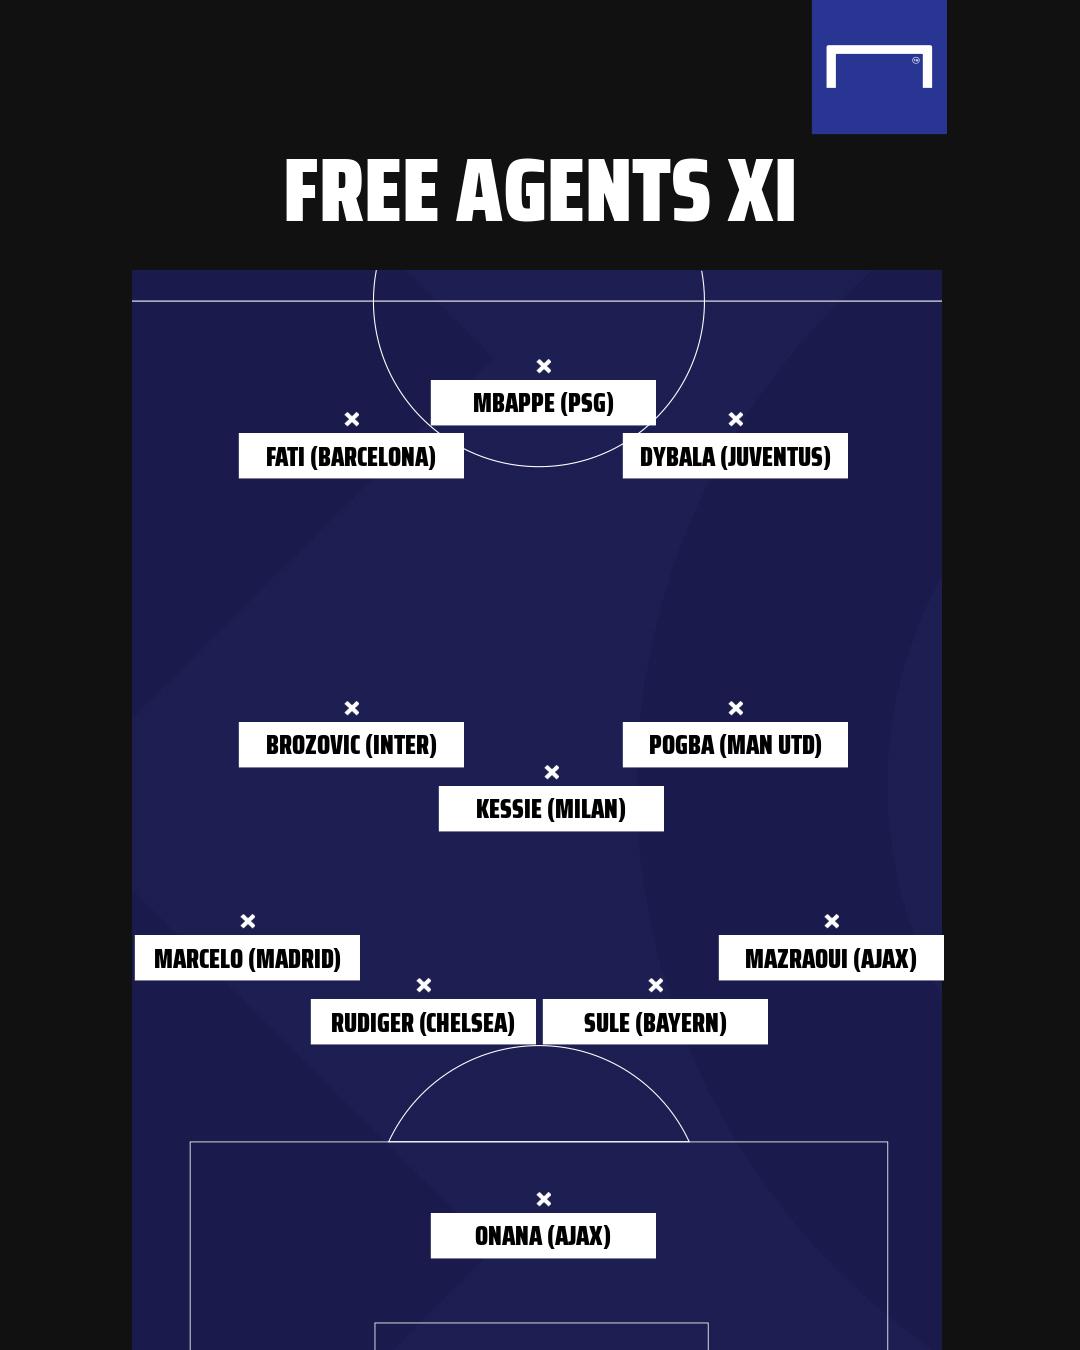 Đội hình miễn phí cực chất Hè 2022: Mbappe, Pogba và Dybala - Bóng Đá